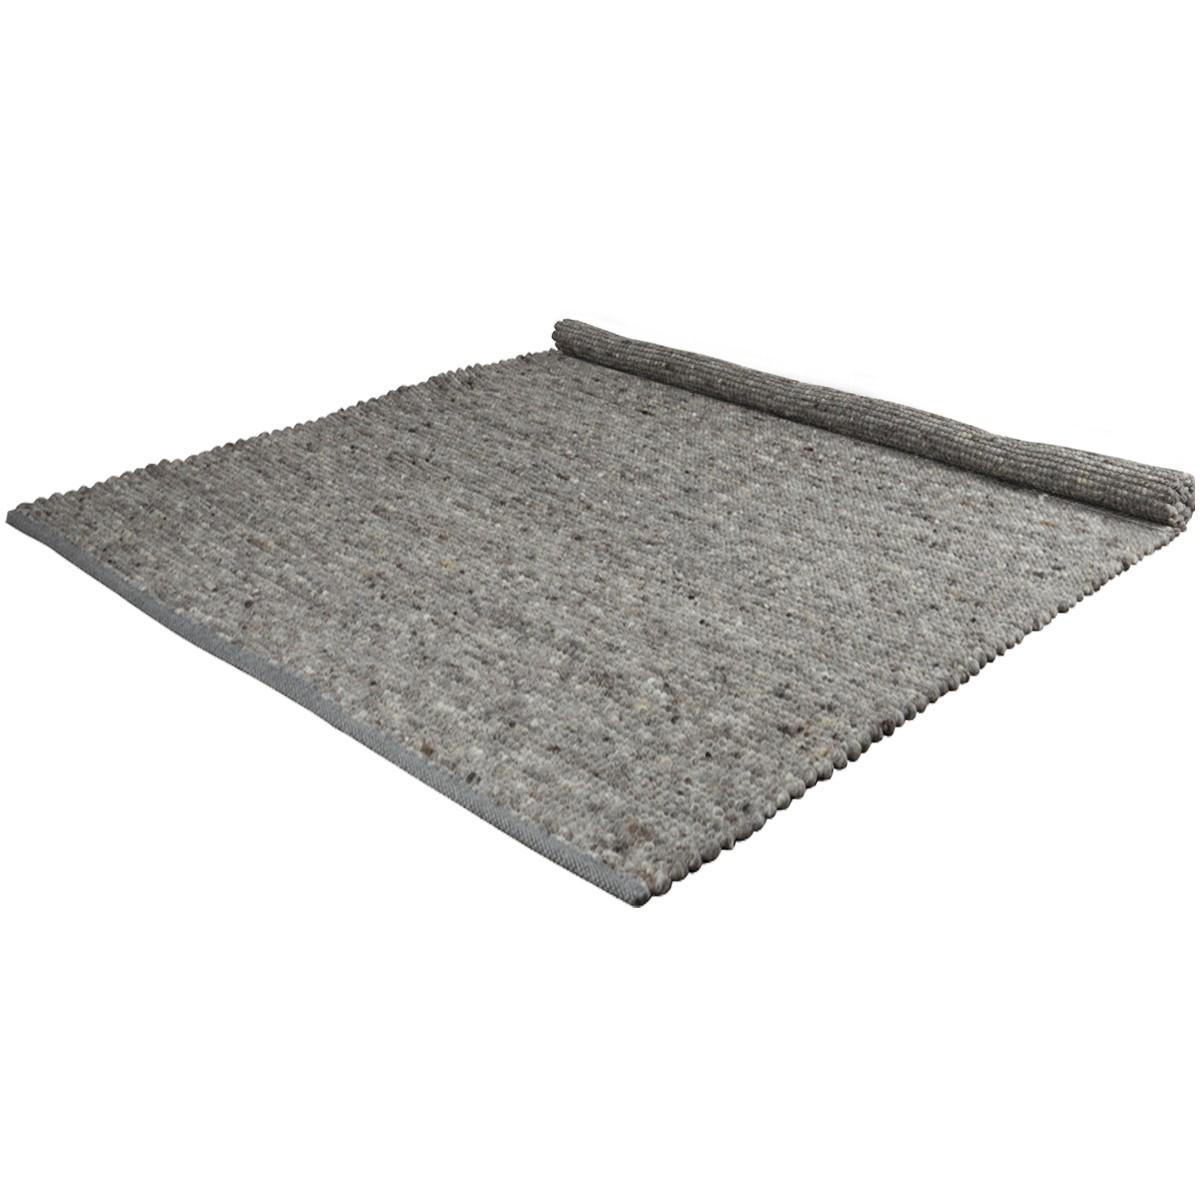 tapis marta gris 200x300 cm design lab furniture. Black Bedroom Furniture Sets. Home Design Ideas